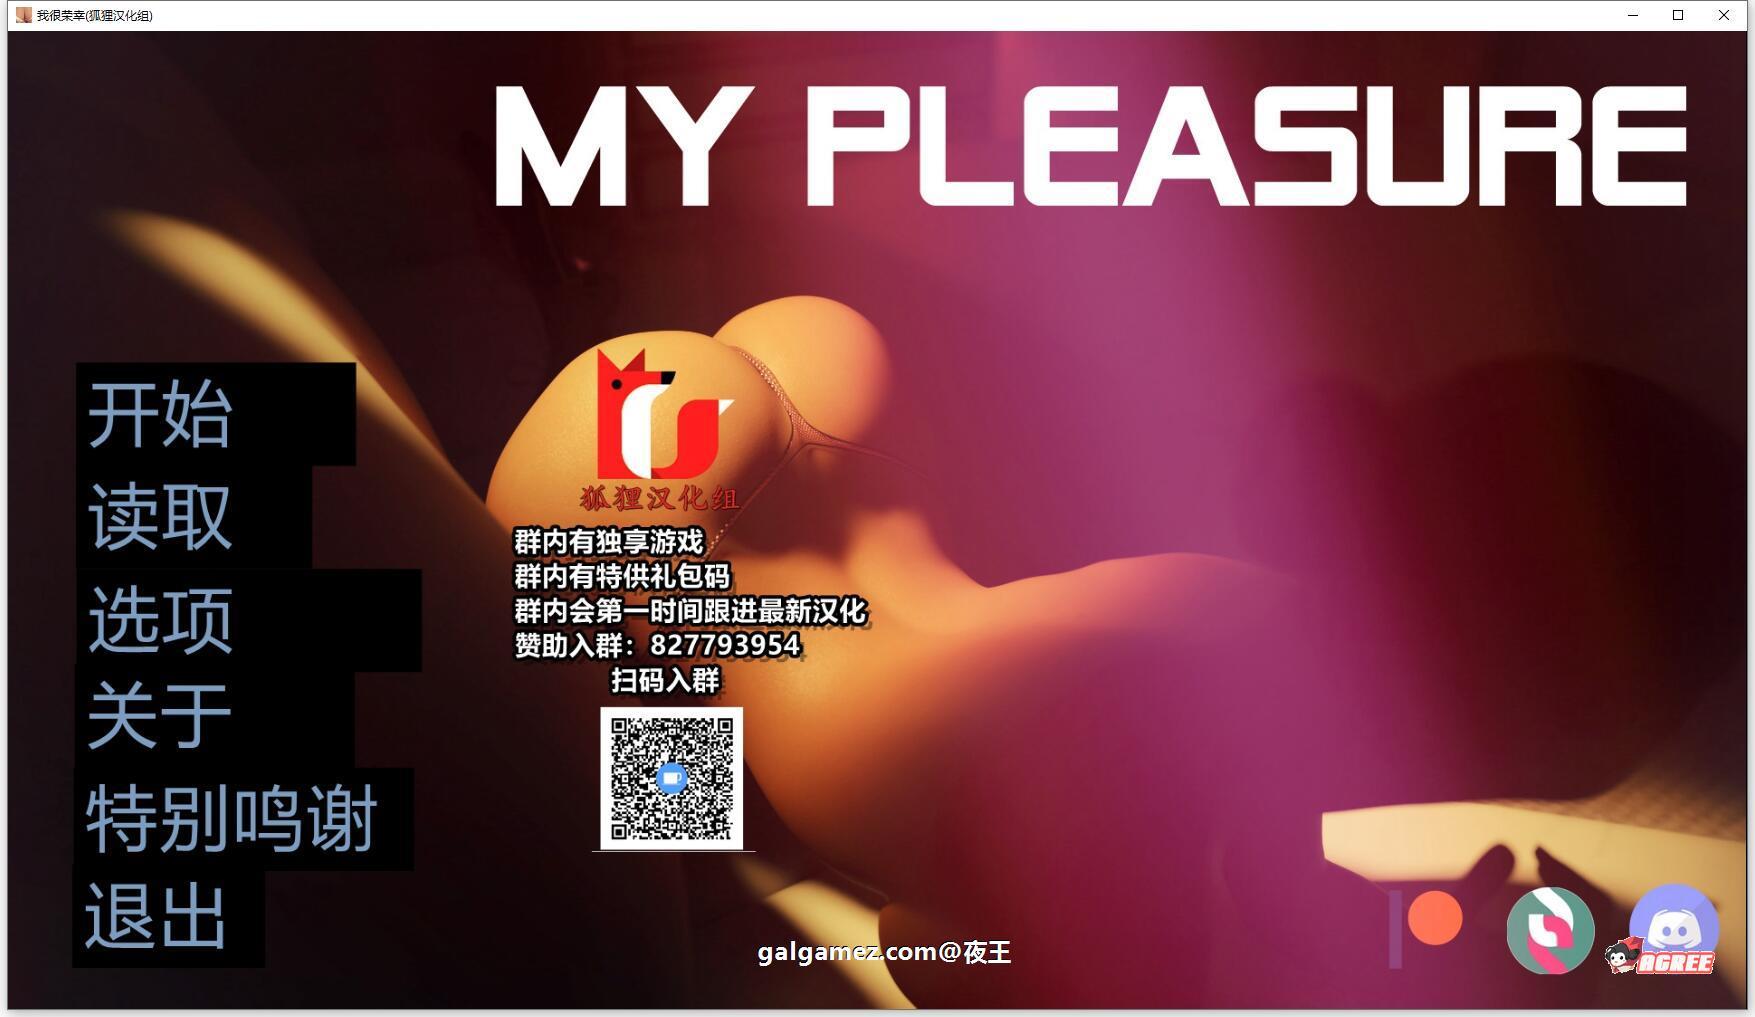 [欧美SLG/汉化/动态]我很荣幸 V1.00 精翻汉化精英版+全CG[百度][更新/PC+安卓/3.8G] 1